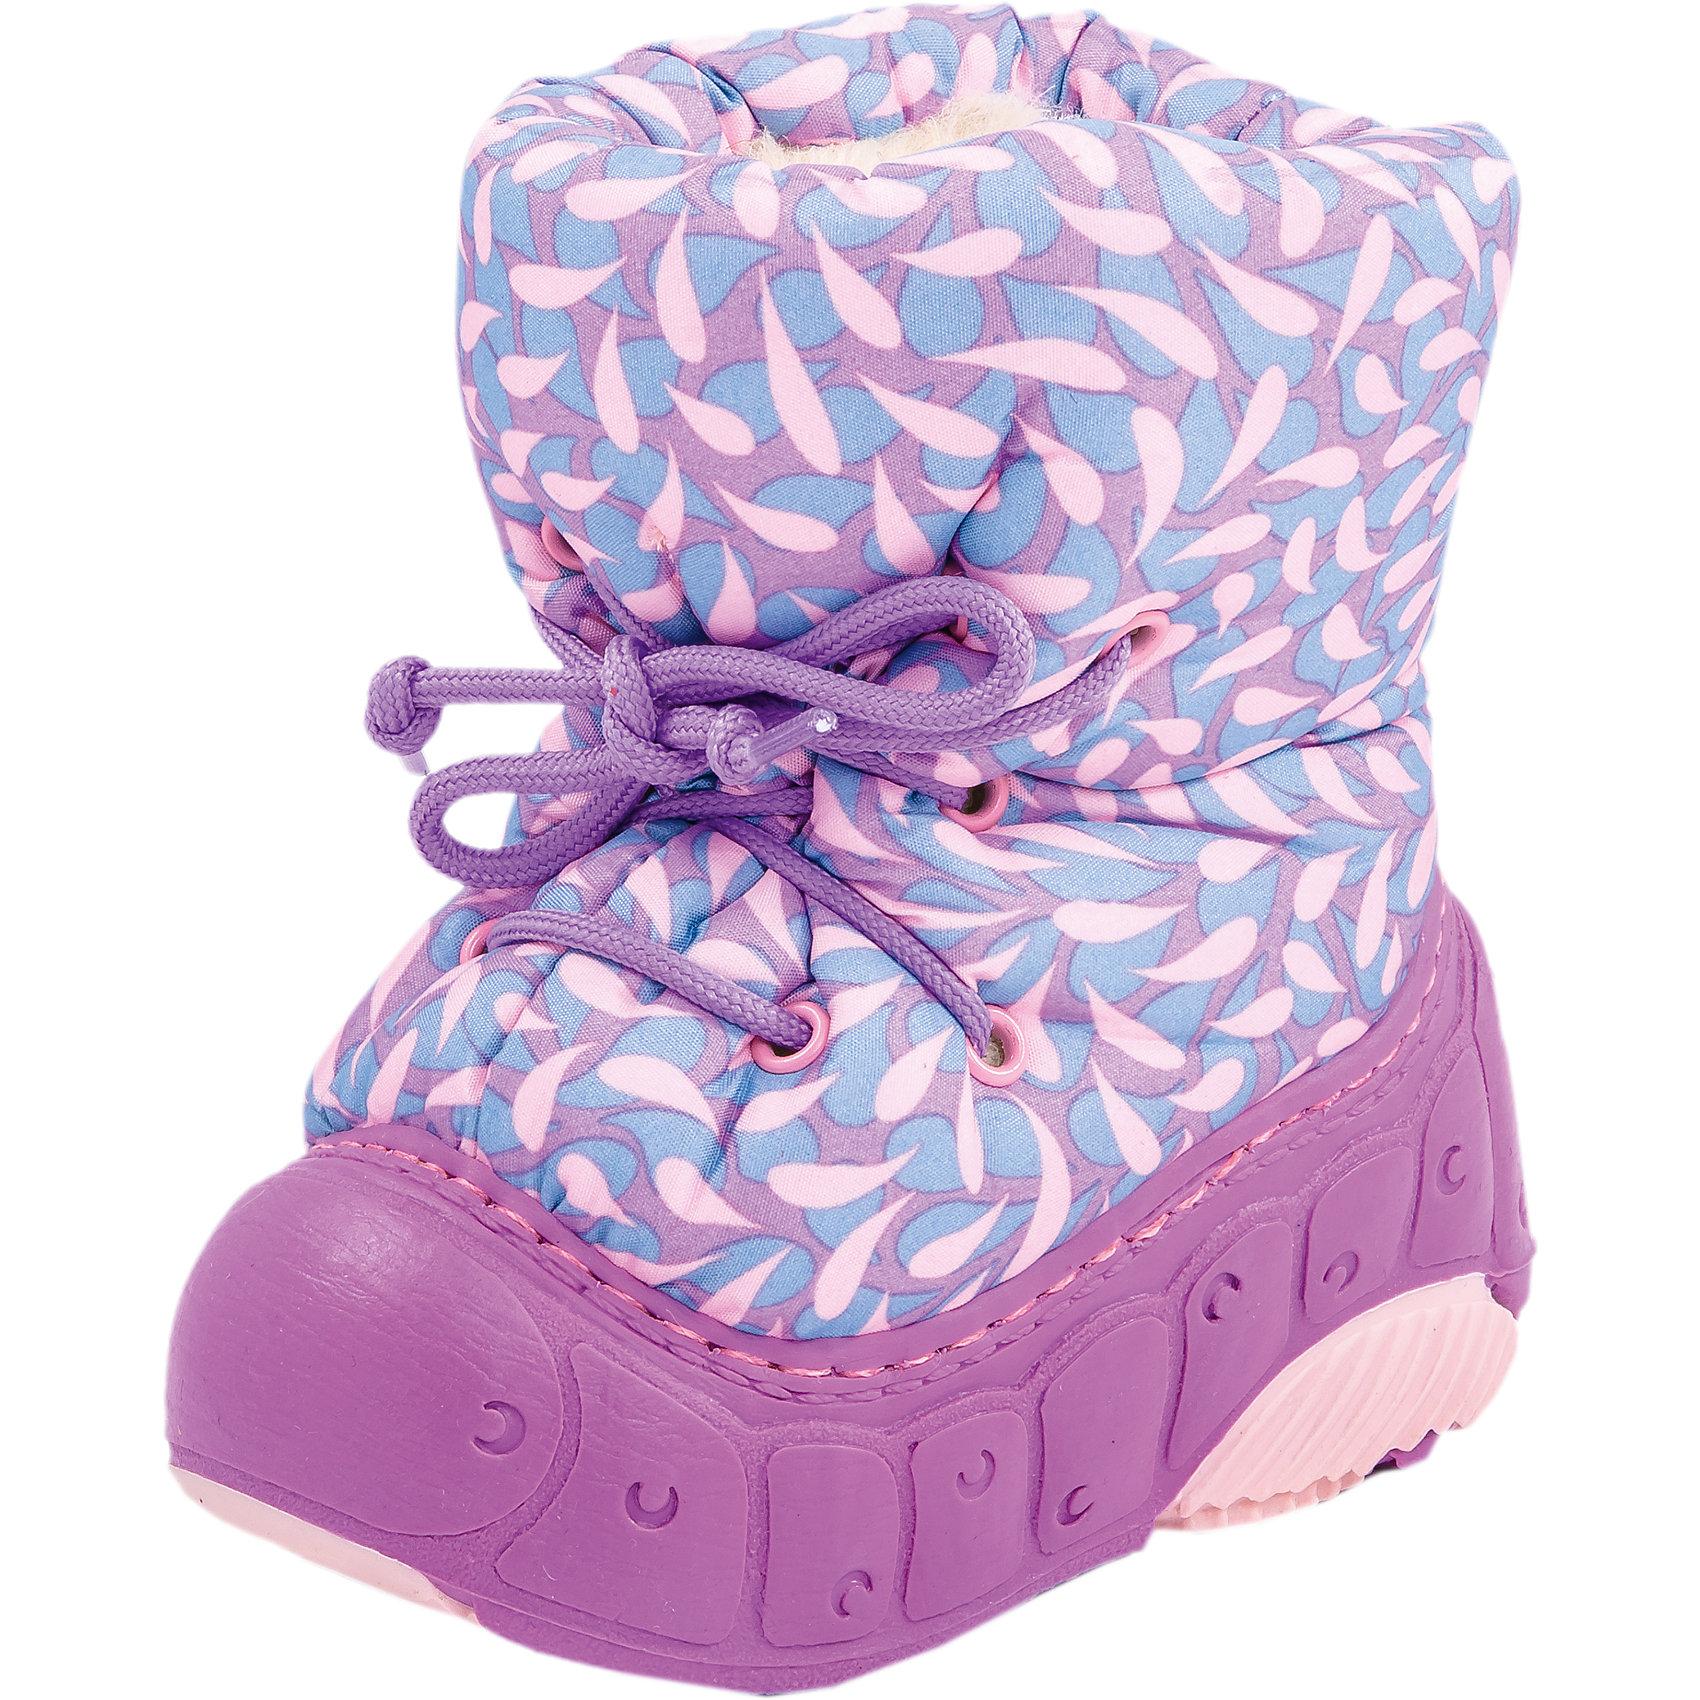 Сапоги для девочки КотофейСноубутсы<br>Сапоги для девочки от известного российского бренда Котофей<br><br>Теплые и удобные сноубутсы помогут защитить детские ножки от сырости и холода. Они легко надеваются, комфортно садятся по ноге.<br>Их отличительные особенности:<br>- цвет - сиреневый;<br>- стильный дизайн;<br>- верх – водонепроницаемый текстиль;<br>- удобная колодка;<br>- подкладка утепленная;<br>- вид крепления – клеепрошивной;<br>- амортизирующая подошва;<br>- застежка - шнуровка.<br><br>Дополнительная информация:<br><br>Температурный режим: <br><br>от 0° С до -25° С<br><br>Состав:<br>верх – текстиль;<br>подкладка - шерстяной мех;<br>подошва - ТЭП.<br><br>Сапоги для девочки Котофей можно купить в нашем магазине.<br><br>Ширина мм: 257<br>Глубина мм: 180<br>Высота мм: 130<br>Вес г: 420<br>Цвет: лиловый<br>Возраст от месяцев: 15<br>Возраст до месяцев: 18<br>Пол: Женский<br>Возраст: Детский<br>Размер: 22/23,20/21,18/19<br>SKU: 4315163